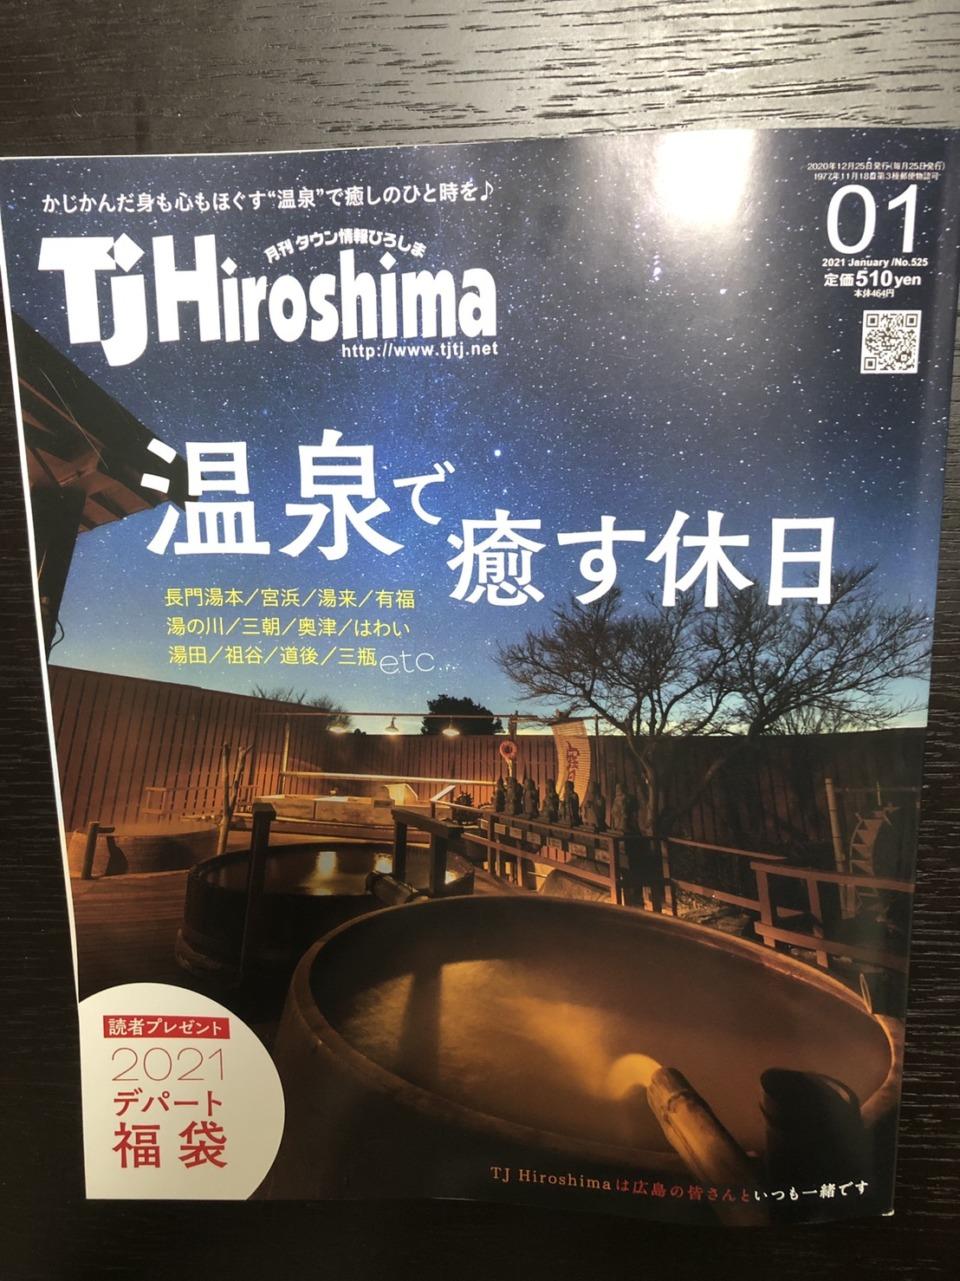 TjHiroshima